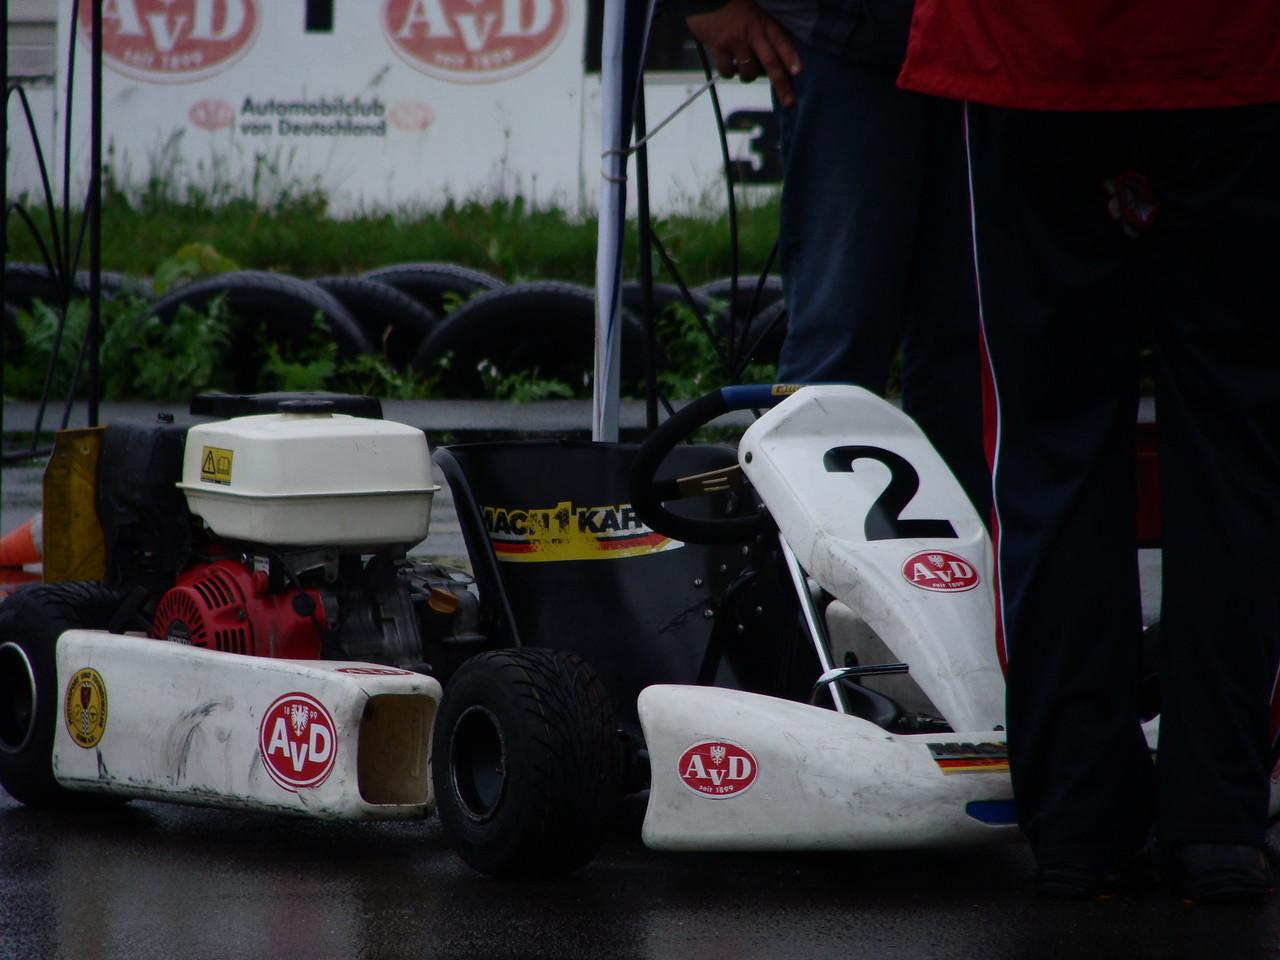 Eines der beiden Wettkampffahrzeuge.